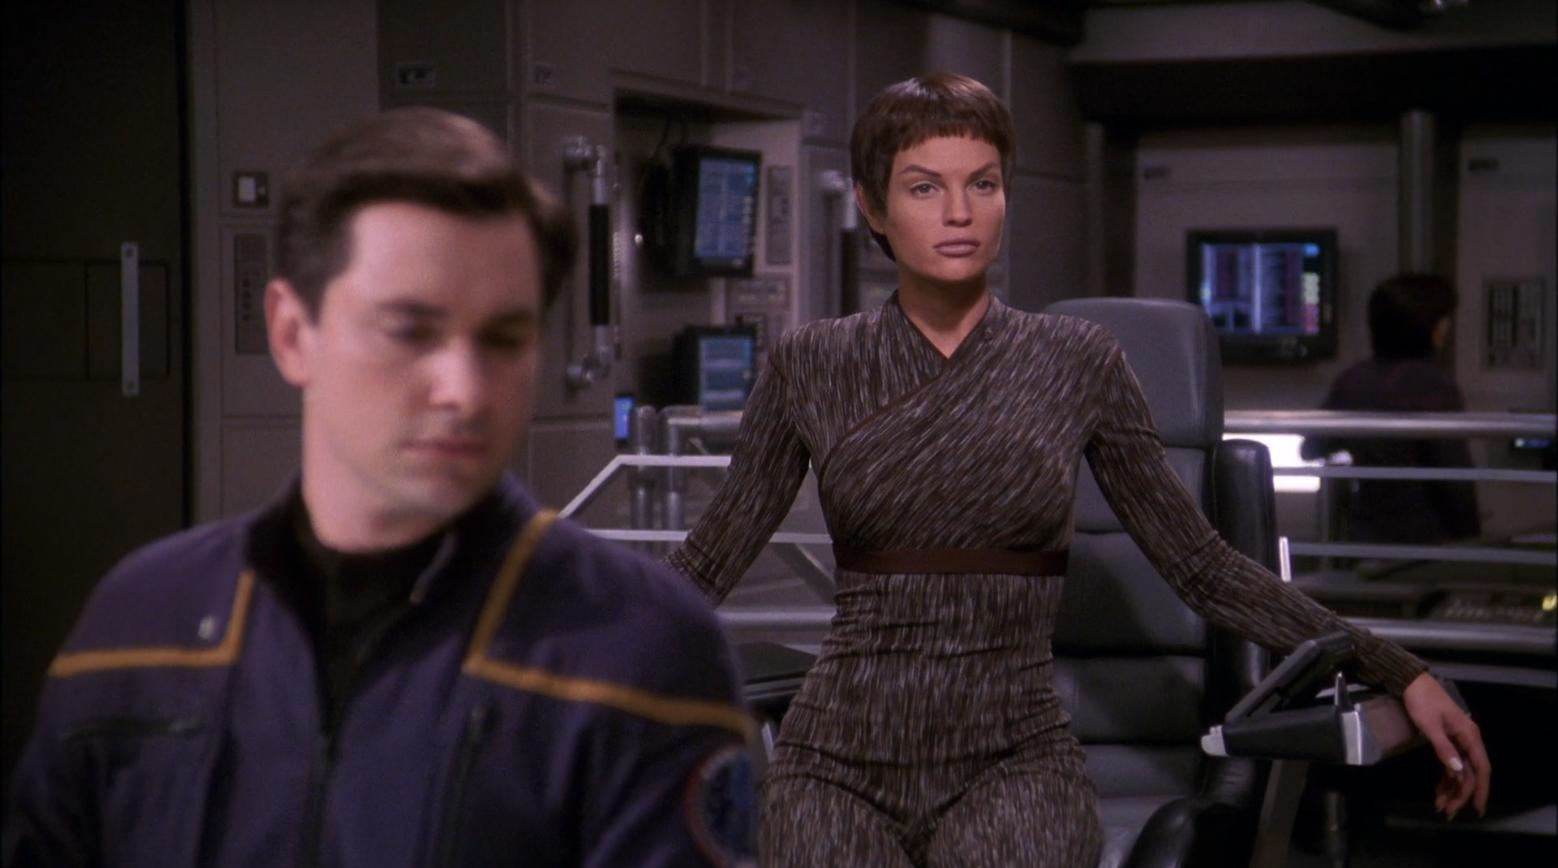 Jolene Blalock as T'Pol taking command of the Enterprise - Detention Star Trek Enterprise Season 1 Blu-ray Review